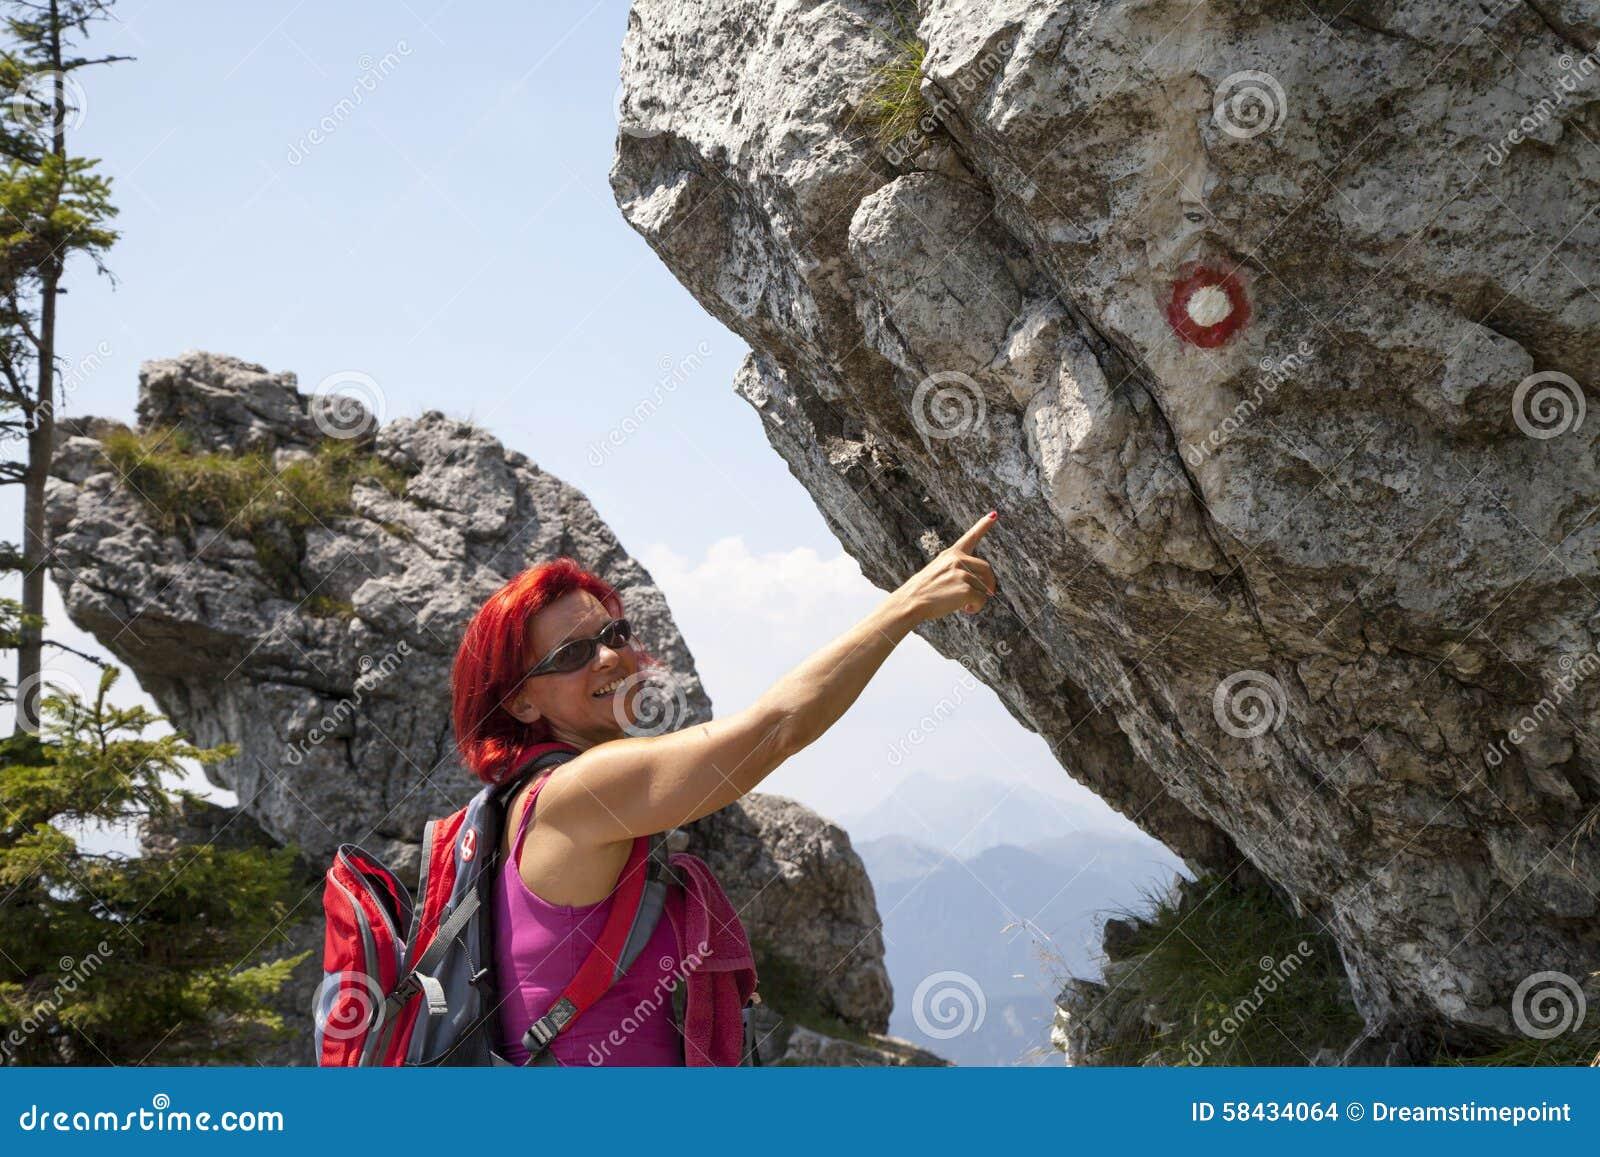 Kobieta wycieczkowicz wysoki w górze wskazuje szyldowa poczta